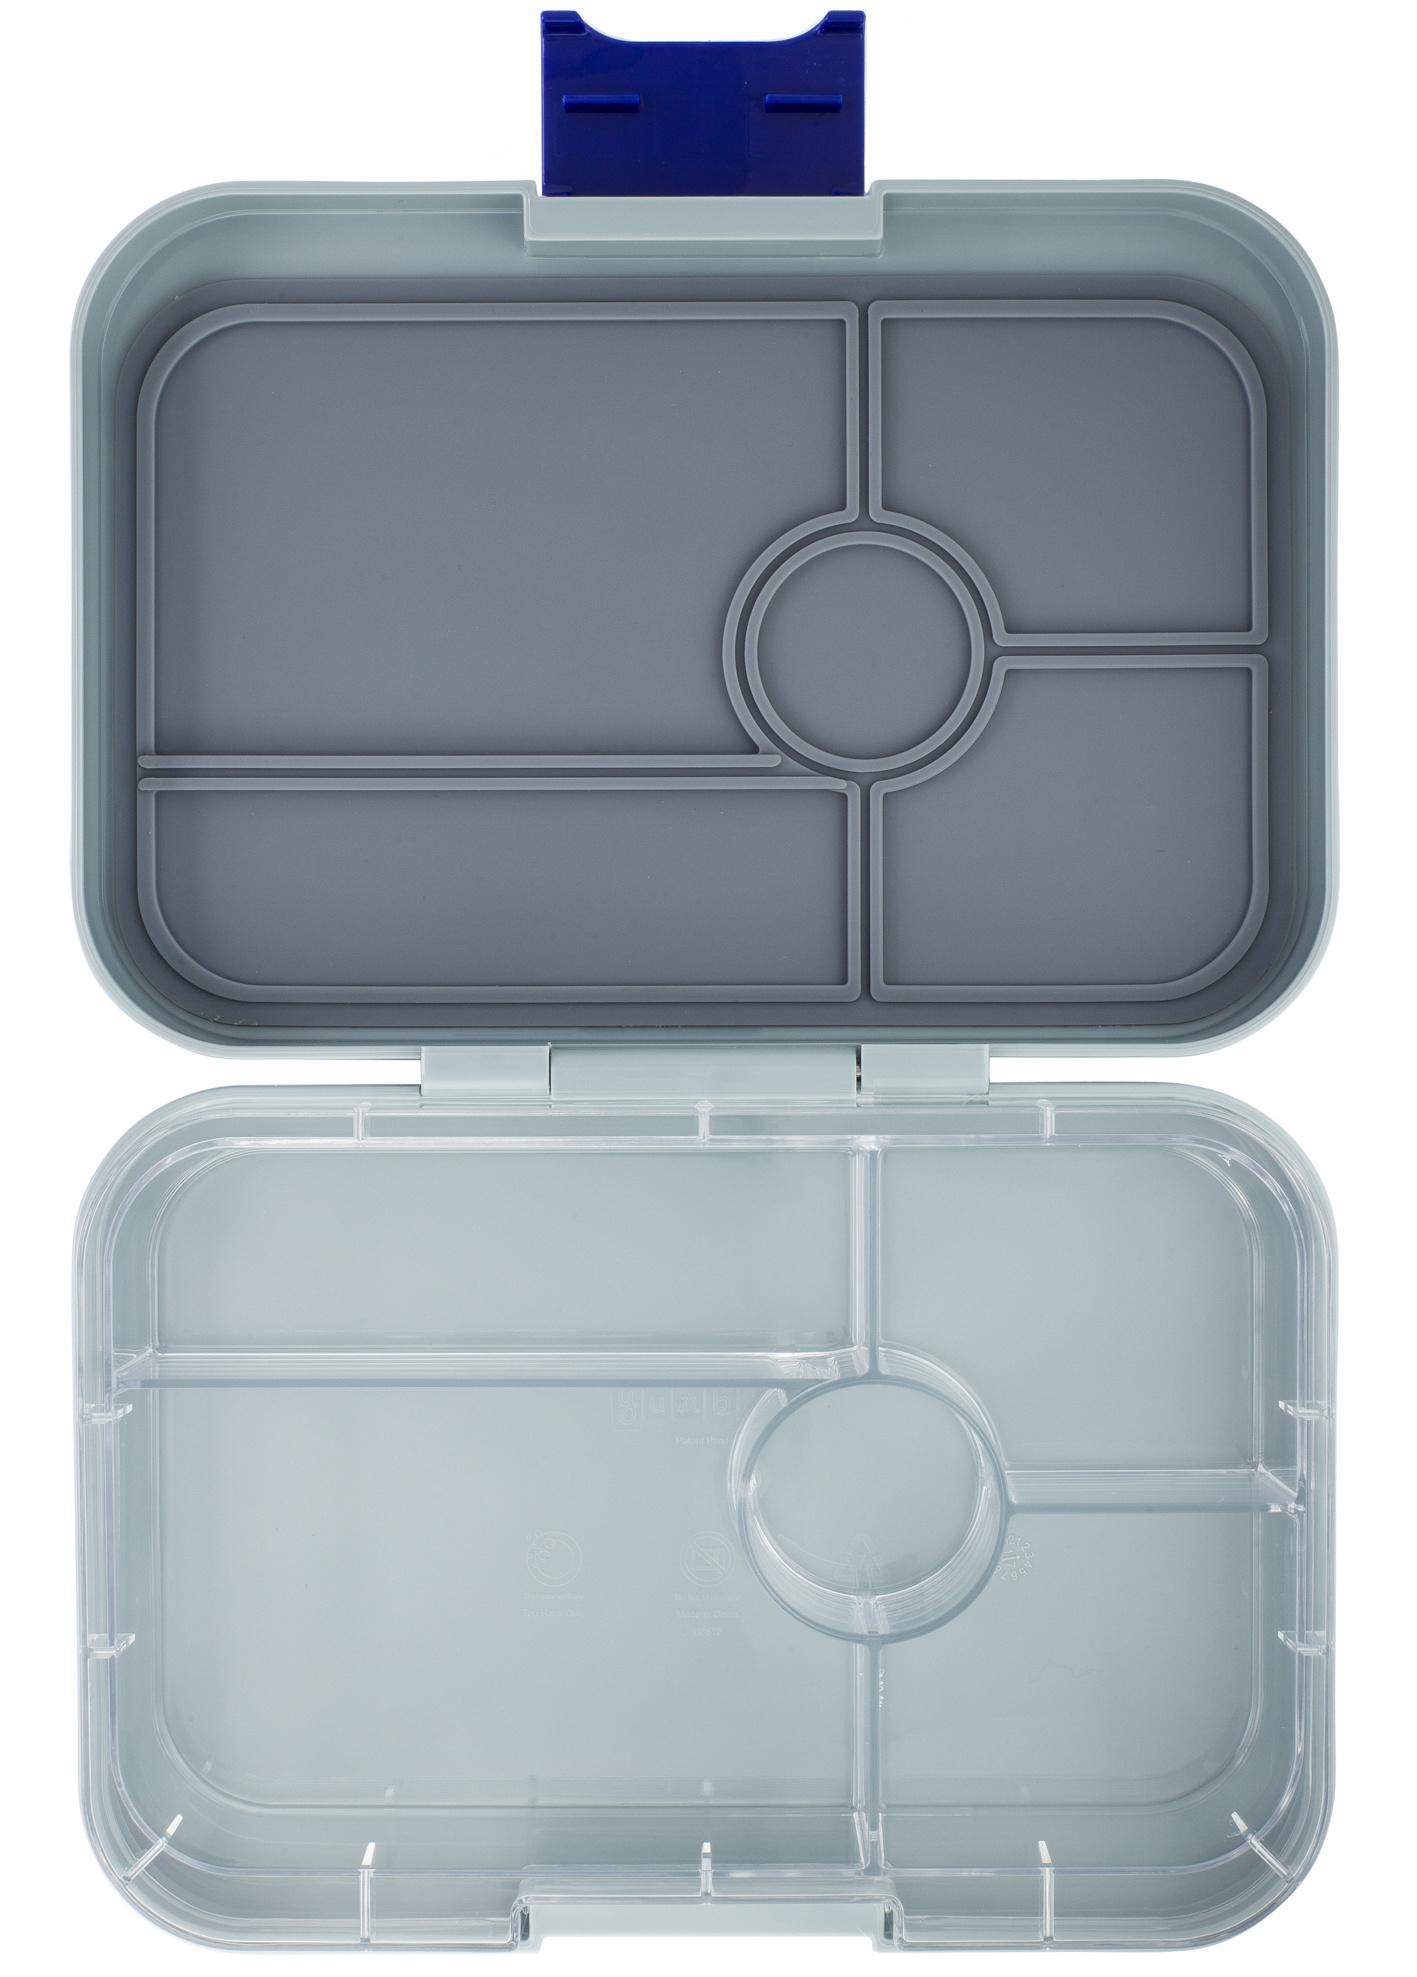 Yumbox Tapas XL lunchtrommel Flat Iron grijs / Transparant tray 5 vakken-1